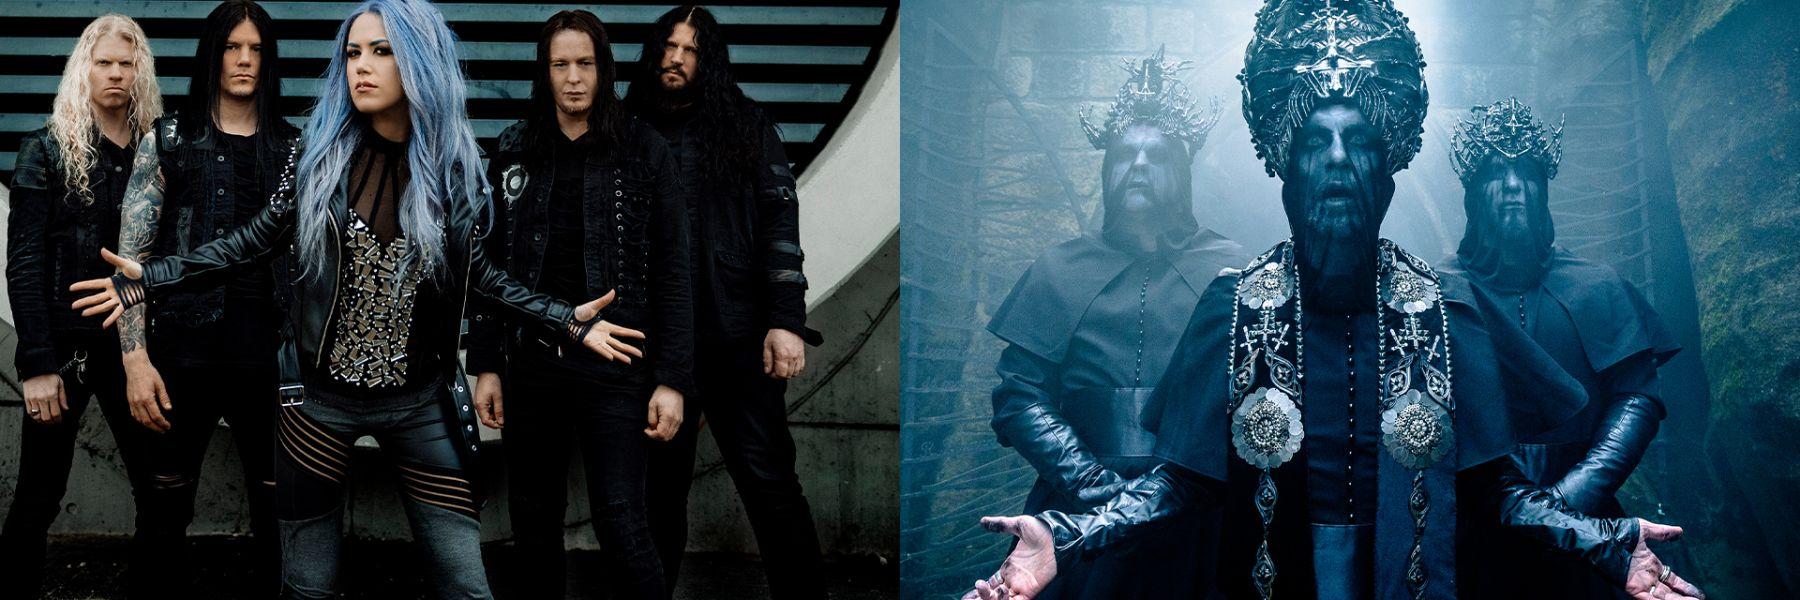 Arch Enemy & Behemoth The European Siege Tour 2021 in der Samsung Hall Zürich